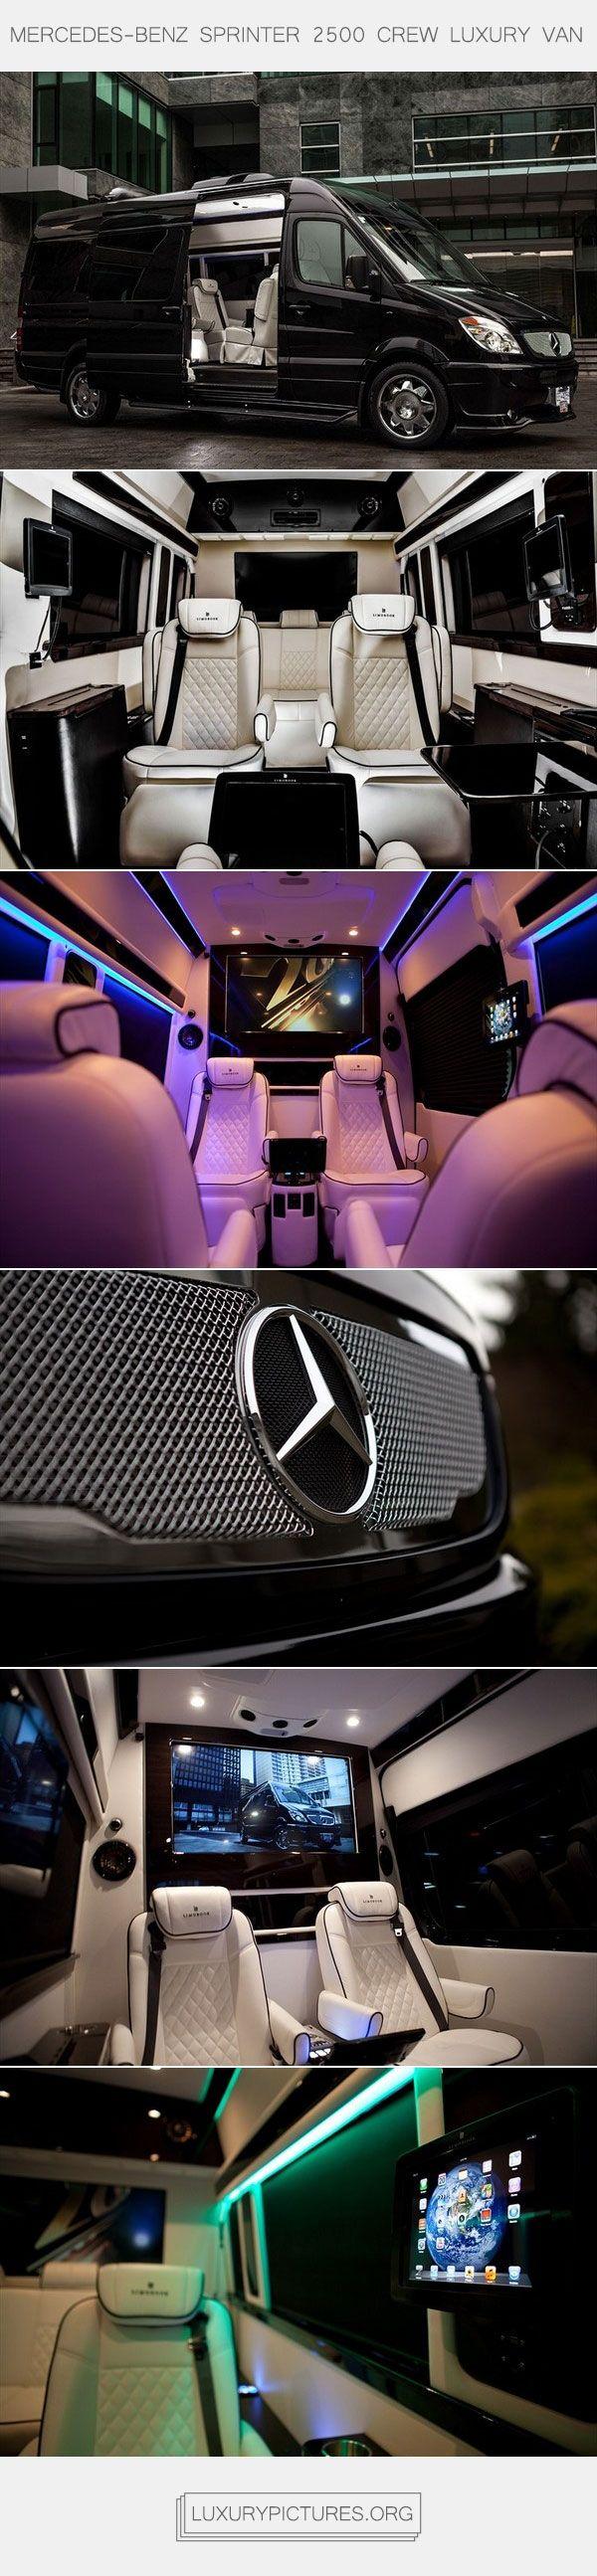 26 best 2018 luxury vans images on pinterest luxury van for Mercedes benz sprinter luxury